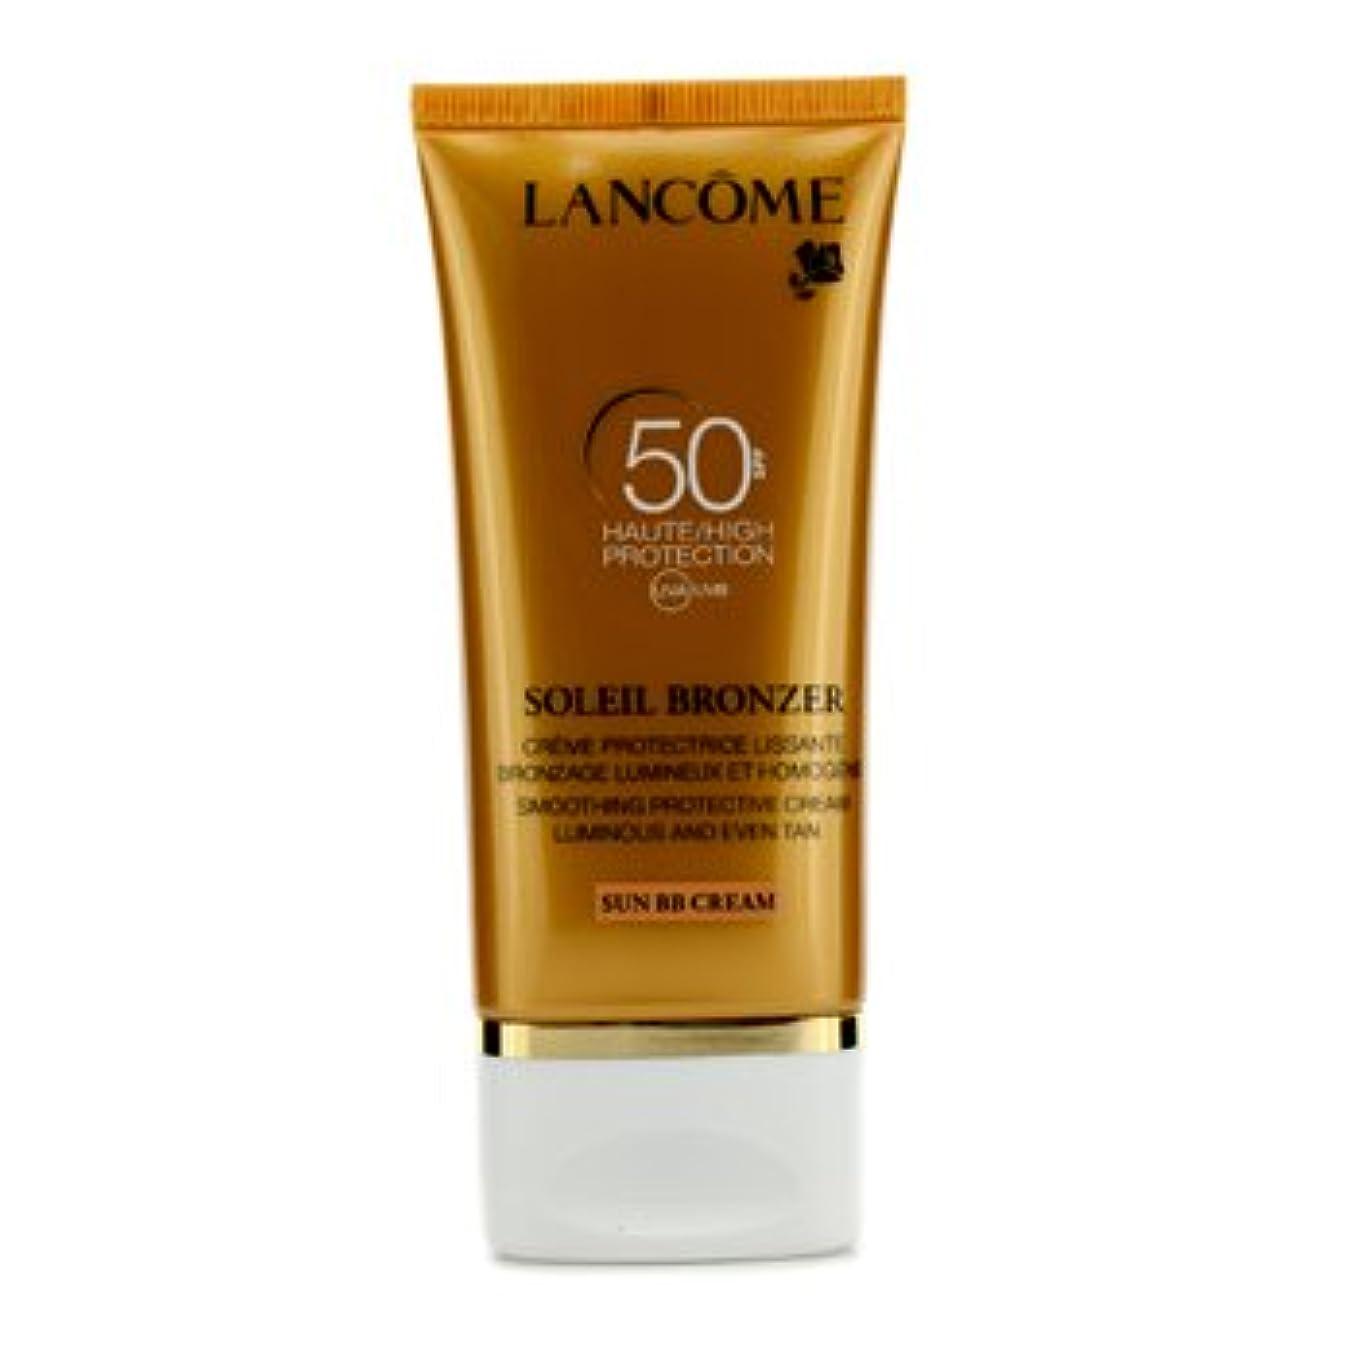 百科事典特定の未就学[Lancome] Soleil Bronzer Smoothing Protective Cream (Sun BB Cream) SPF50 50ml/1.69oz